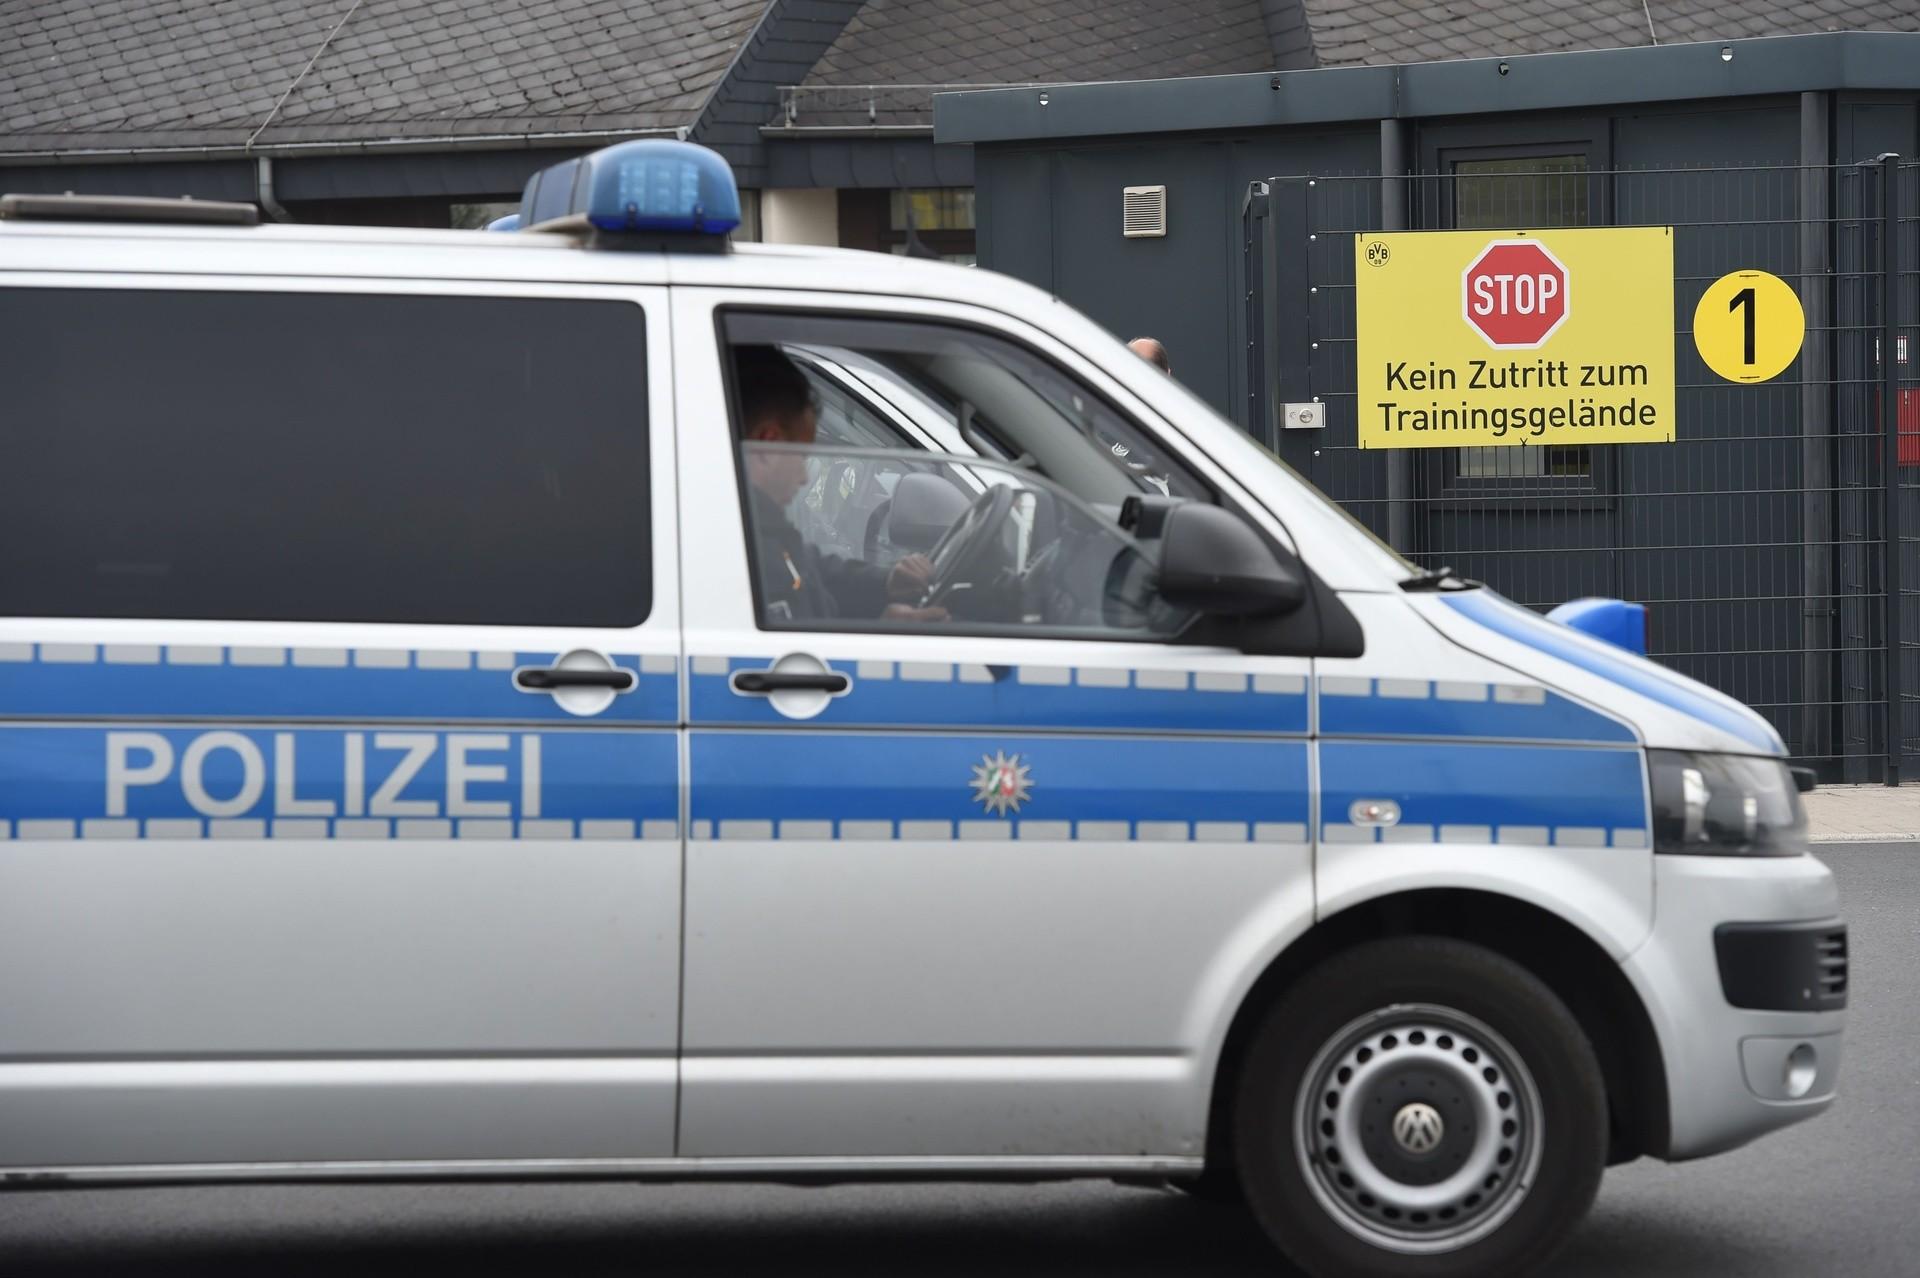 niemcy aresztowano podejrzanego ws zamachu na autobus. Black Bedroom Furniture Sets. Home Design Ideas